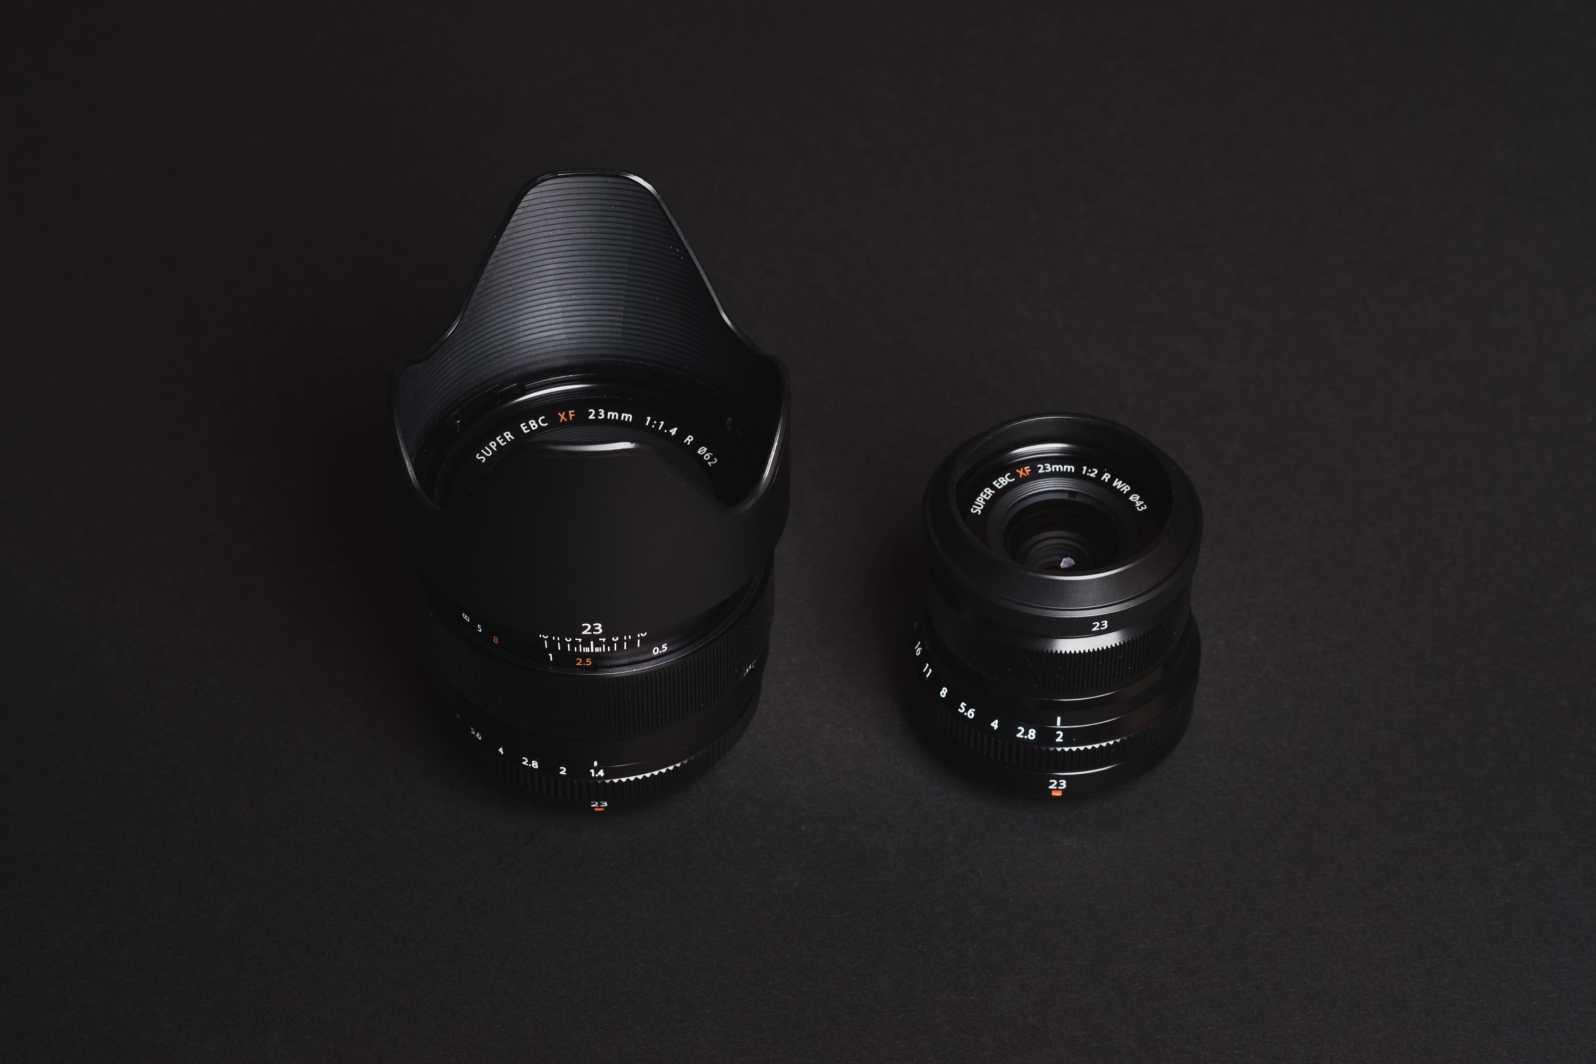 Fujinon 23mm f1.4 vs f2